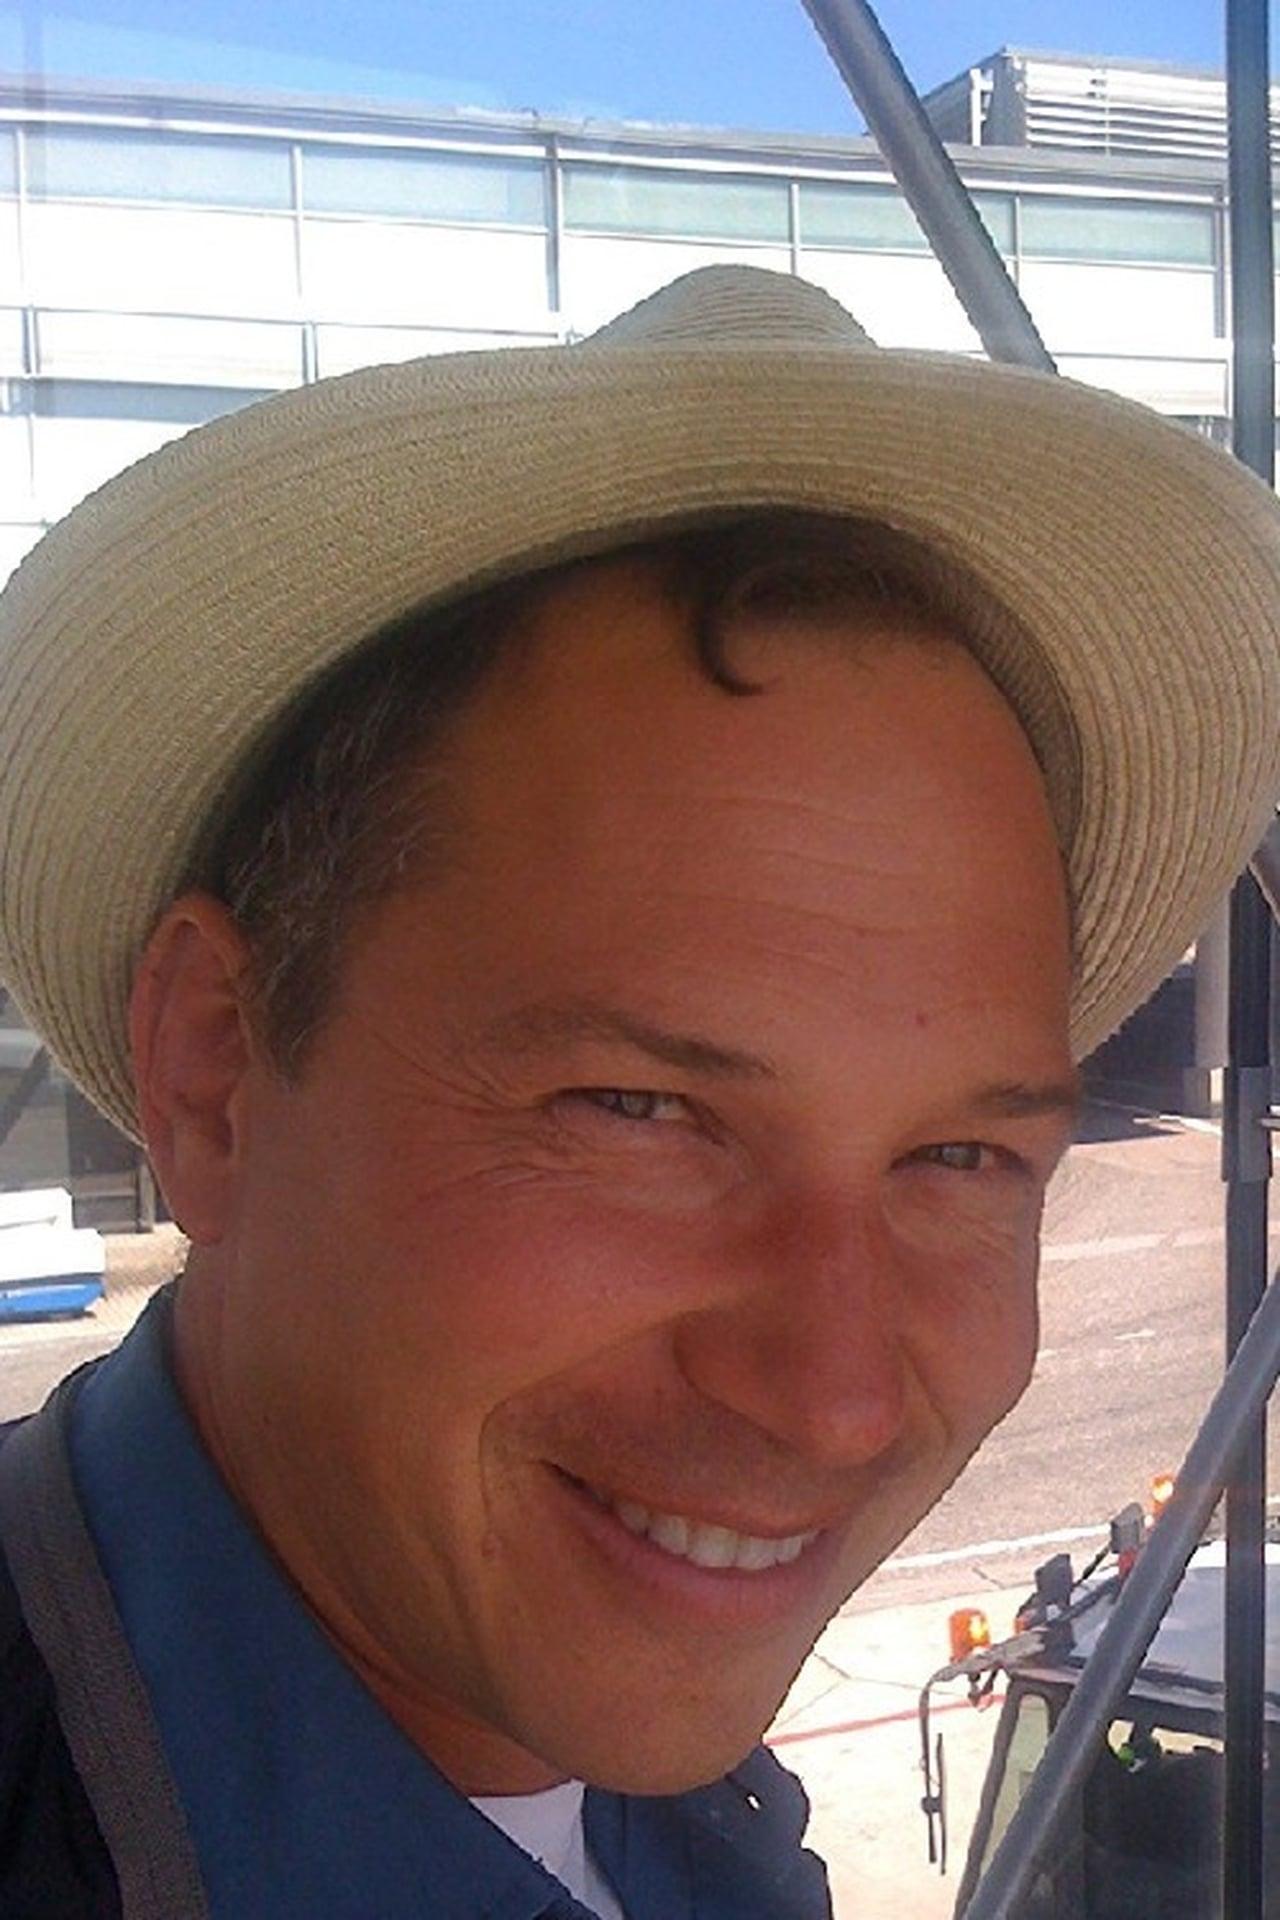 Steve Saklad